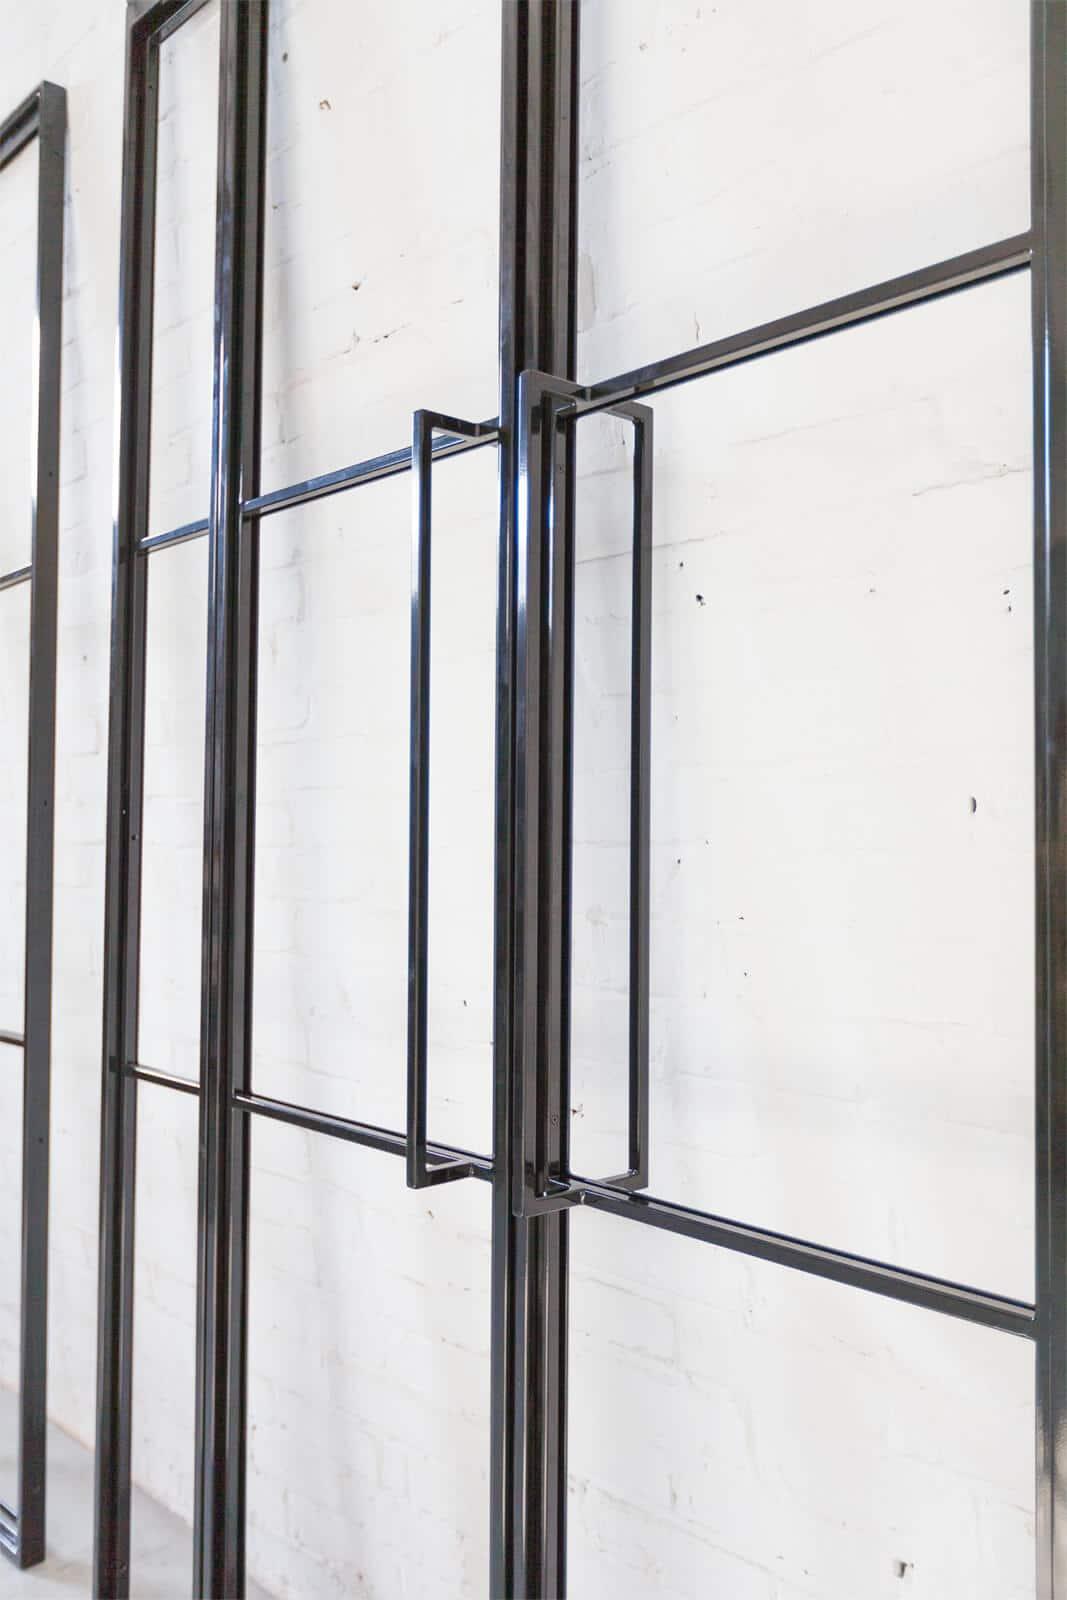 N51E12 Stahl Loft Tür, Doppeltür, Pivottür, Schwingtür, Pivot, Raumtrenner, Trennwand, Glastrennwand, Oberlicht, Designtür, Lofttür, Industrial Door, Stahlrahmen, Glanz, RAL 9005, Tiefschwarz, Schwarz, Glastür